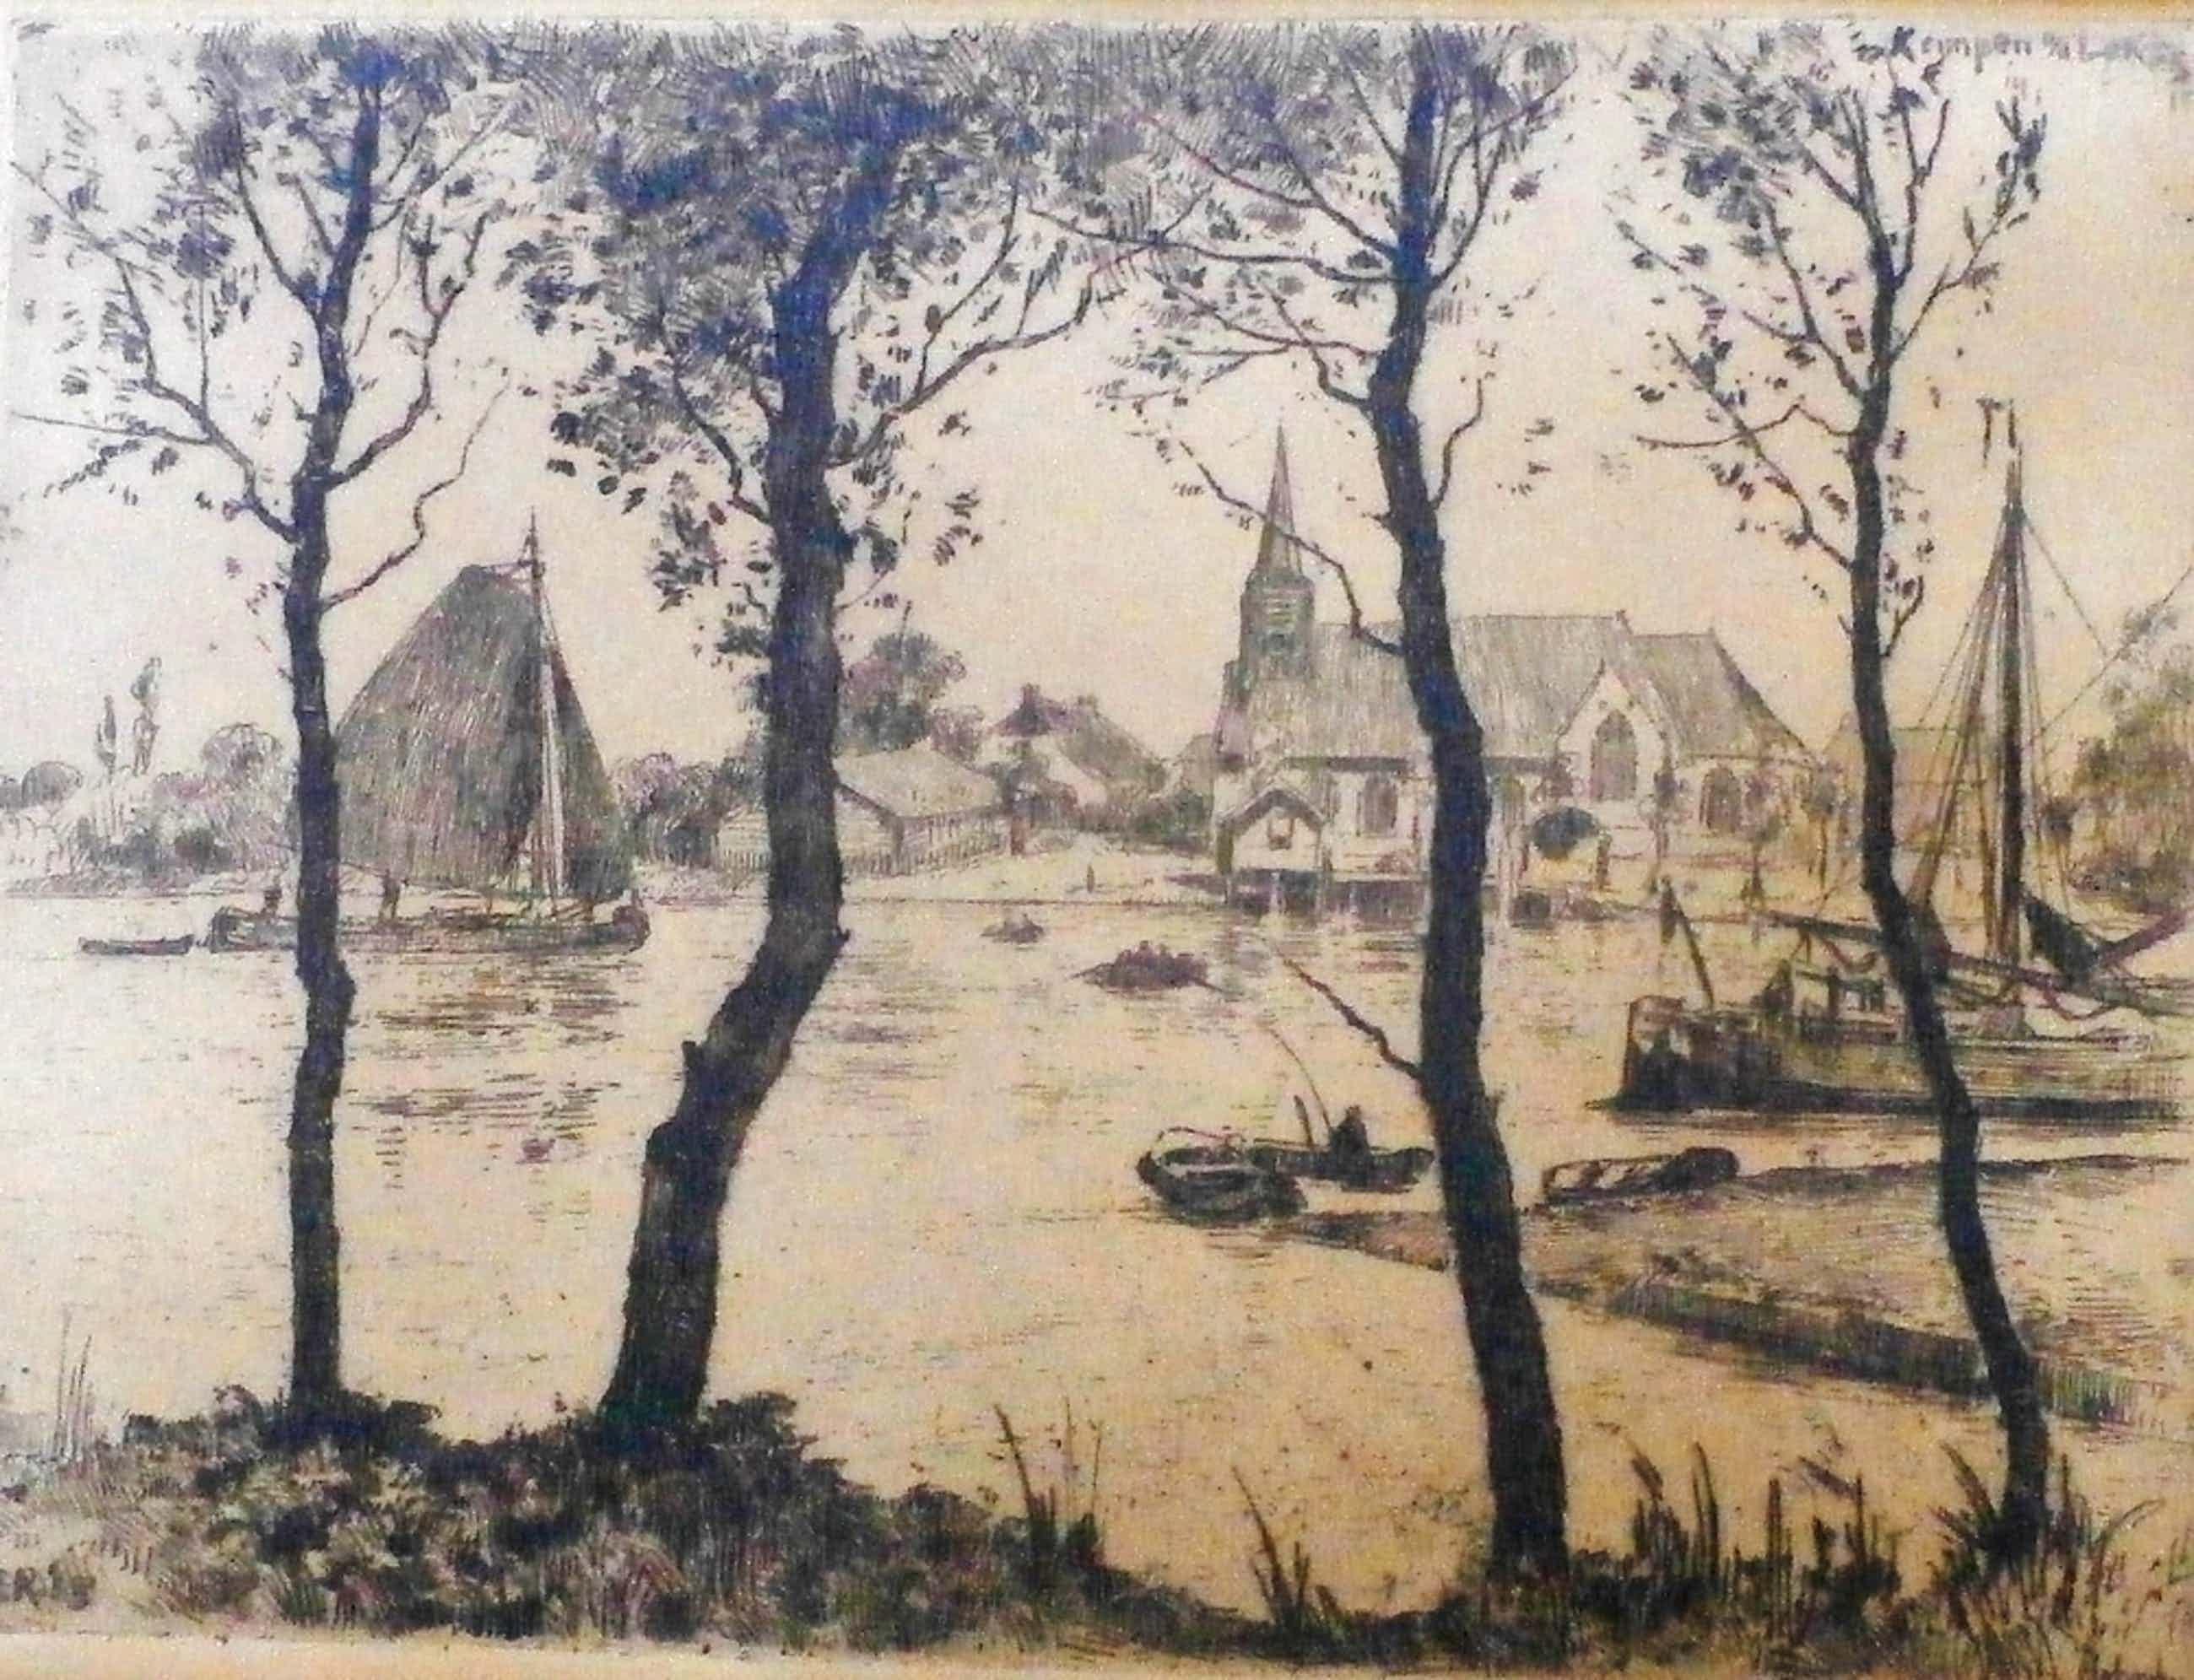 Hendrikus Roodenburg - ets: Bootjes in de rivier bij Elshout - 1915 kopen? Bied vanaf 45!